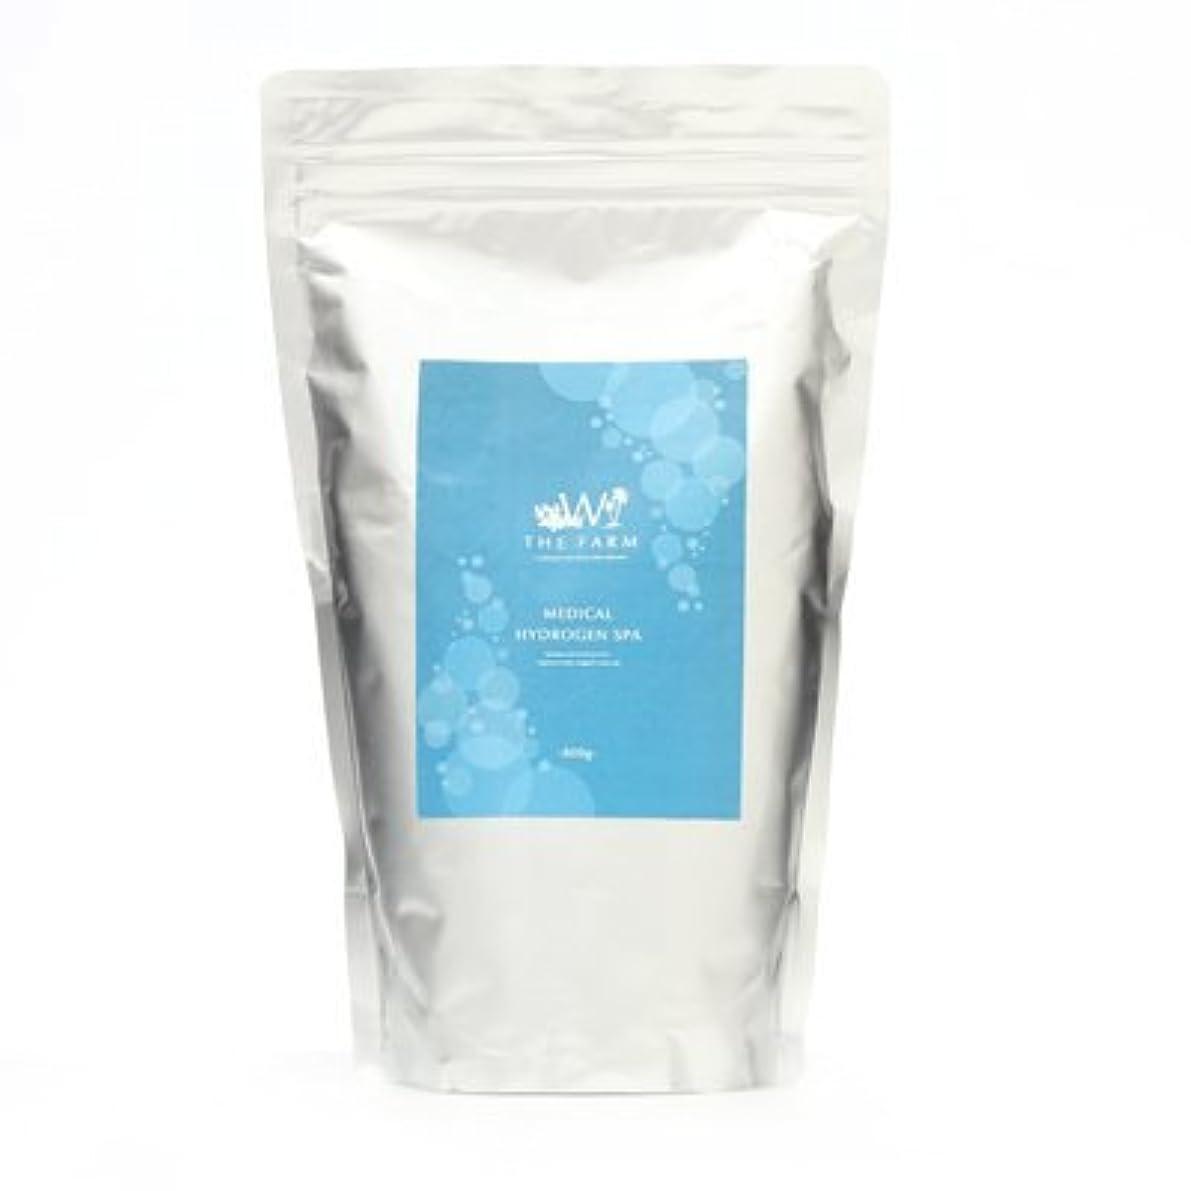 検出するミルク葉を集める水素スパ【W 水素バス パウダー】 水素入浴剤 800g (水素風呂)